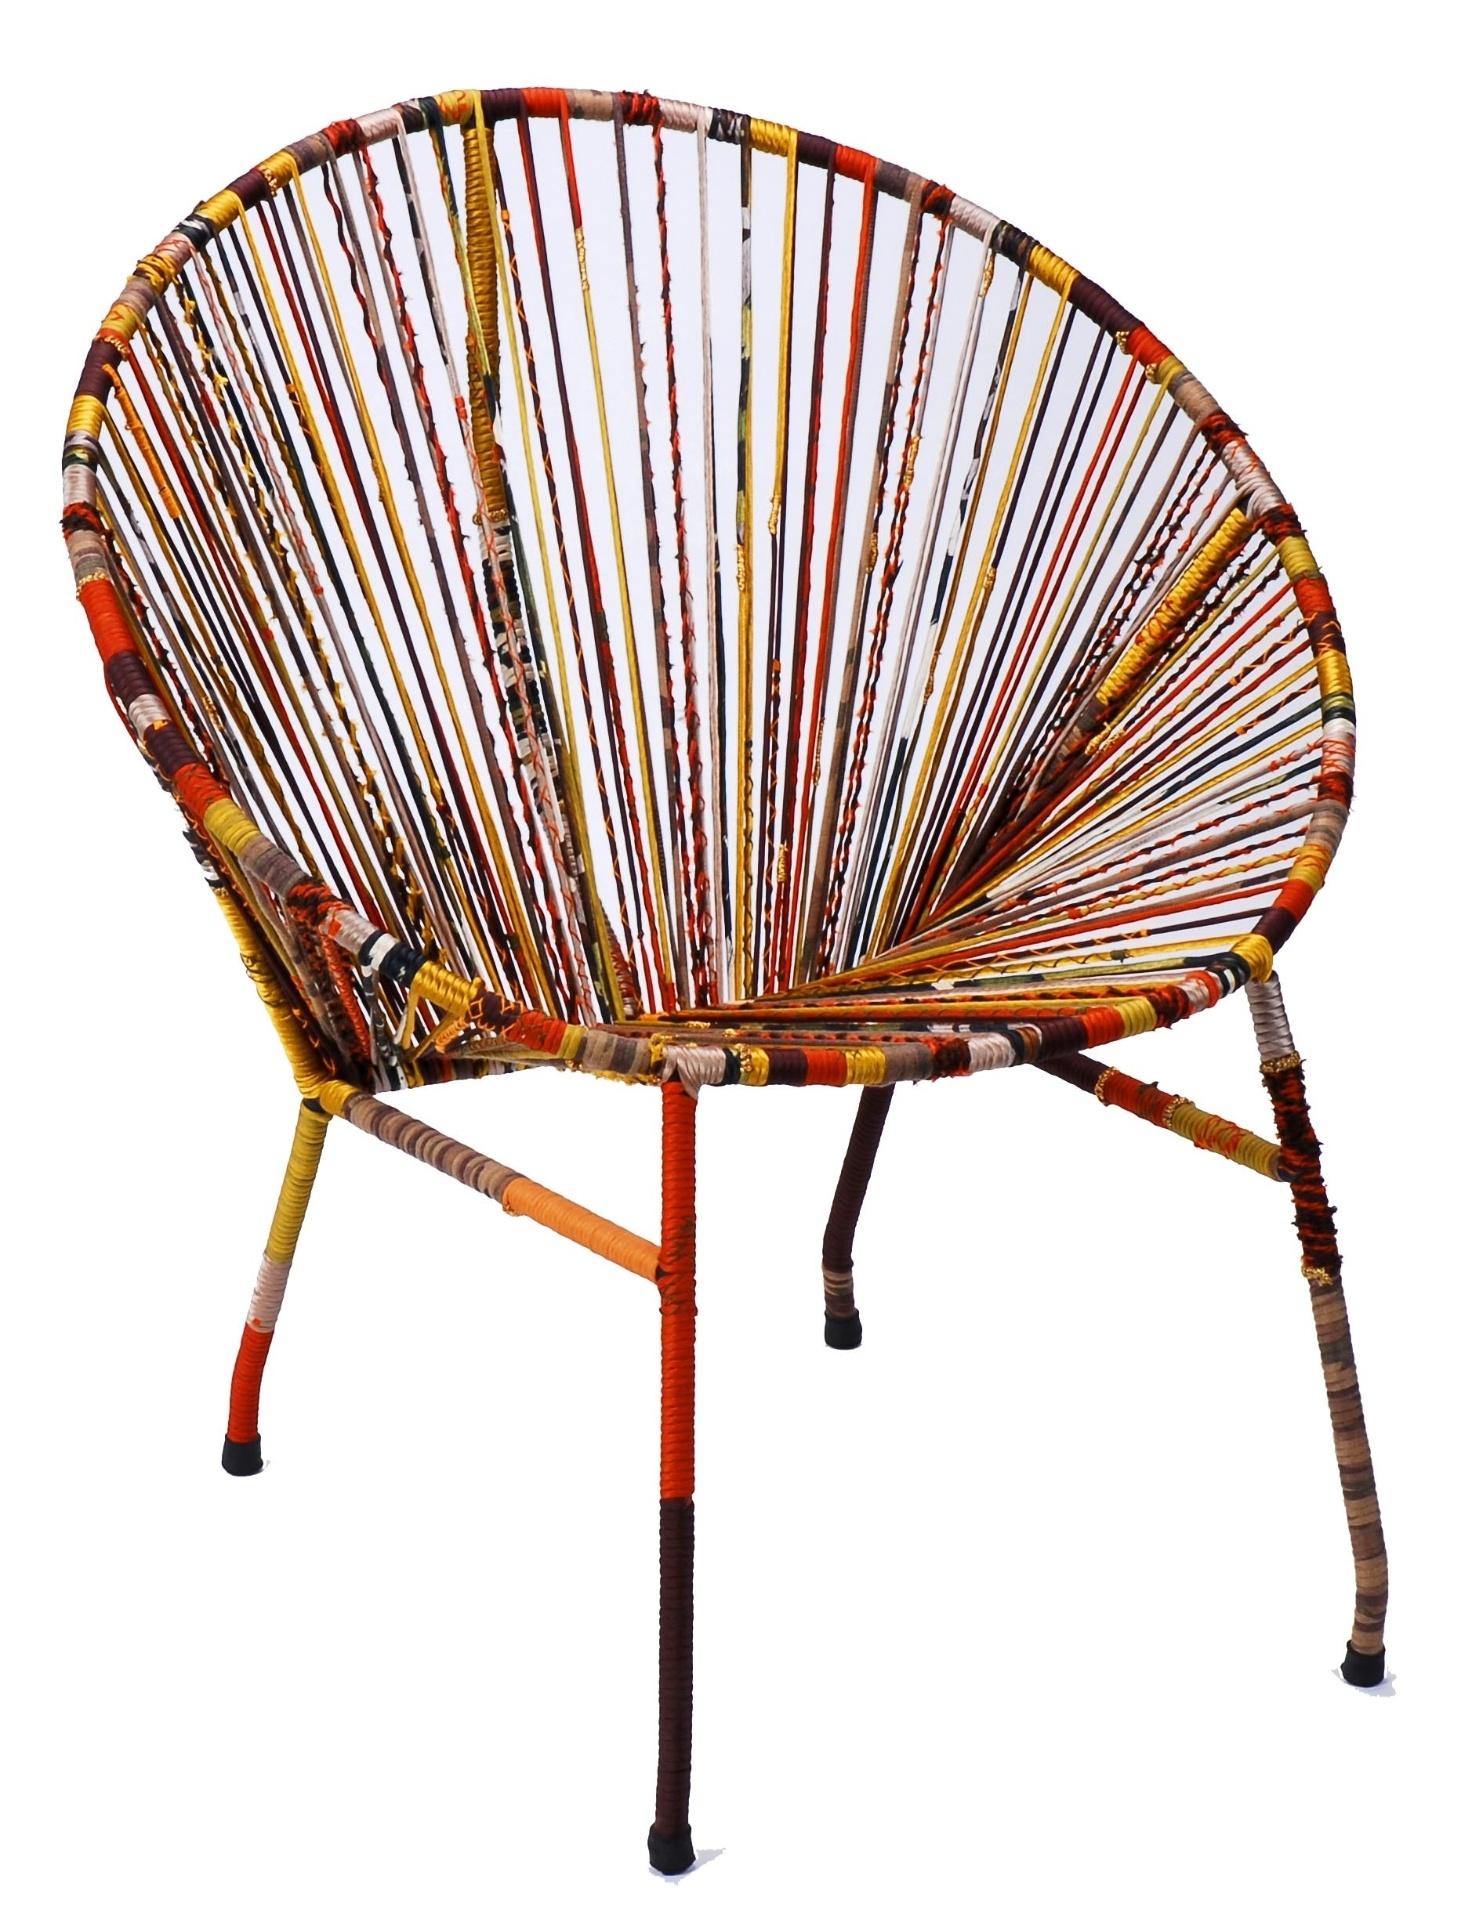 A poltrona em ferro garimpada pela estilista Mary Figueiredo ganhou novo visual com fios de tecidos reciclados do ateliê de costura. A peça é comercializada na Novo Ambiente (www.novoambiente.com.br)